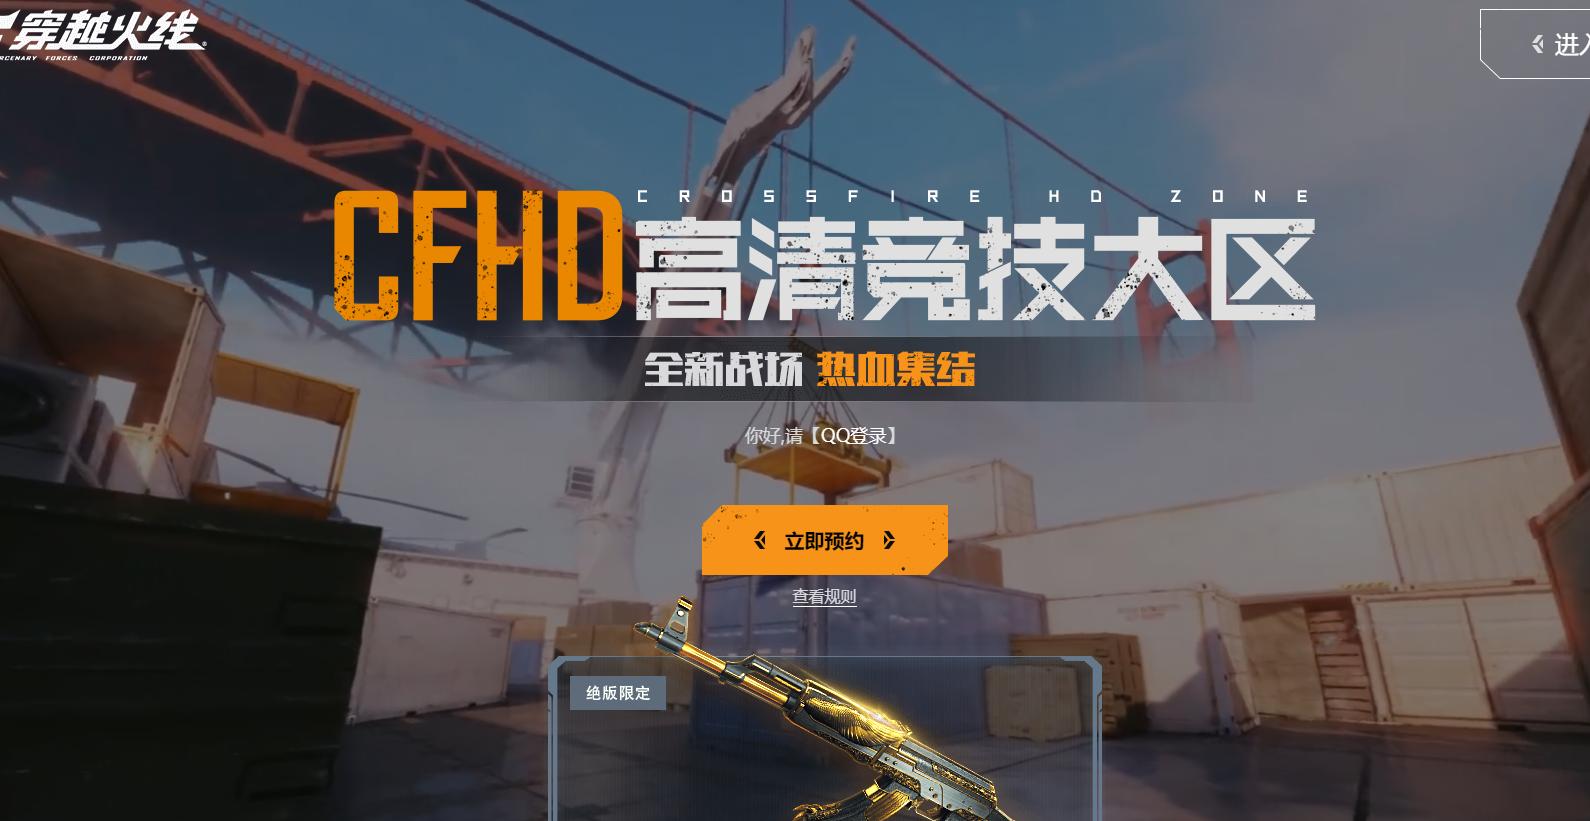 CF-HD高清版本开放预约地址技巧分享-第1张图片-哔哔娱乐网